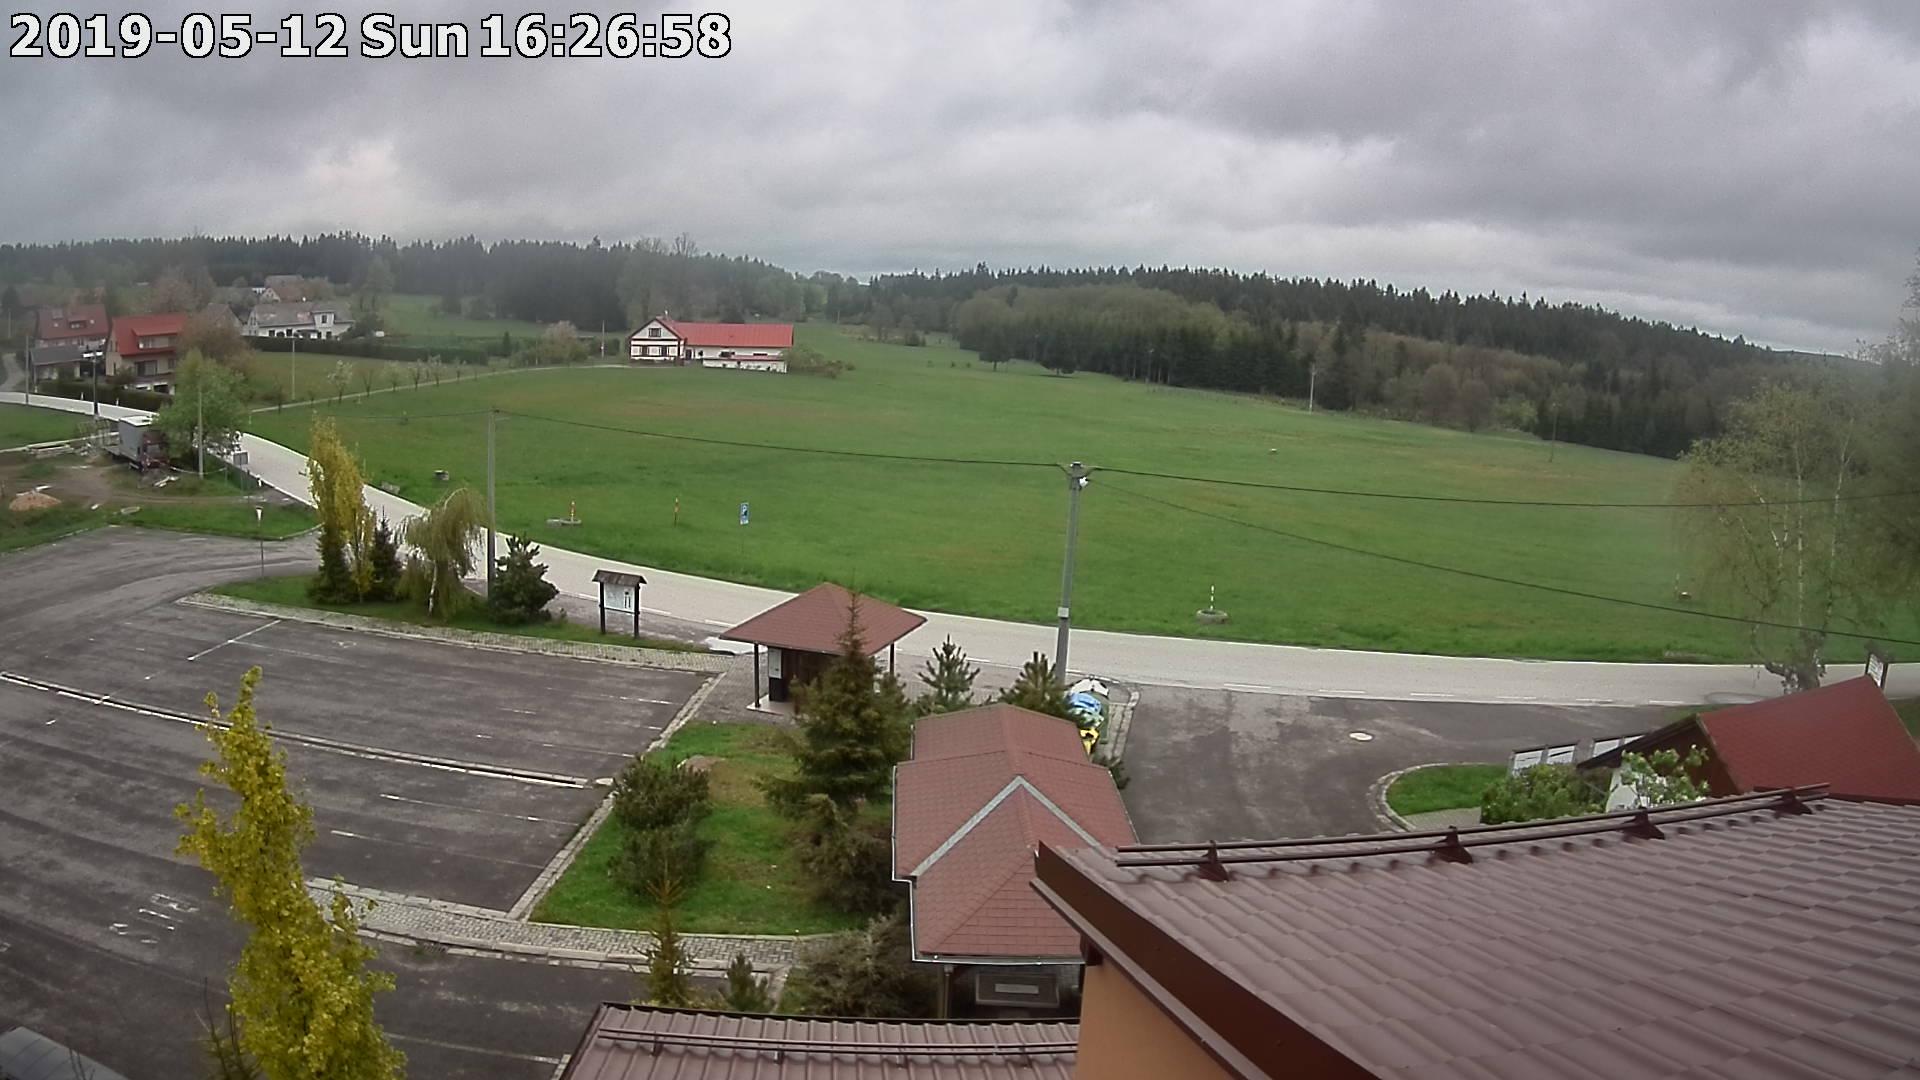 Webkamera ze dne 2019-05-12